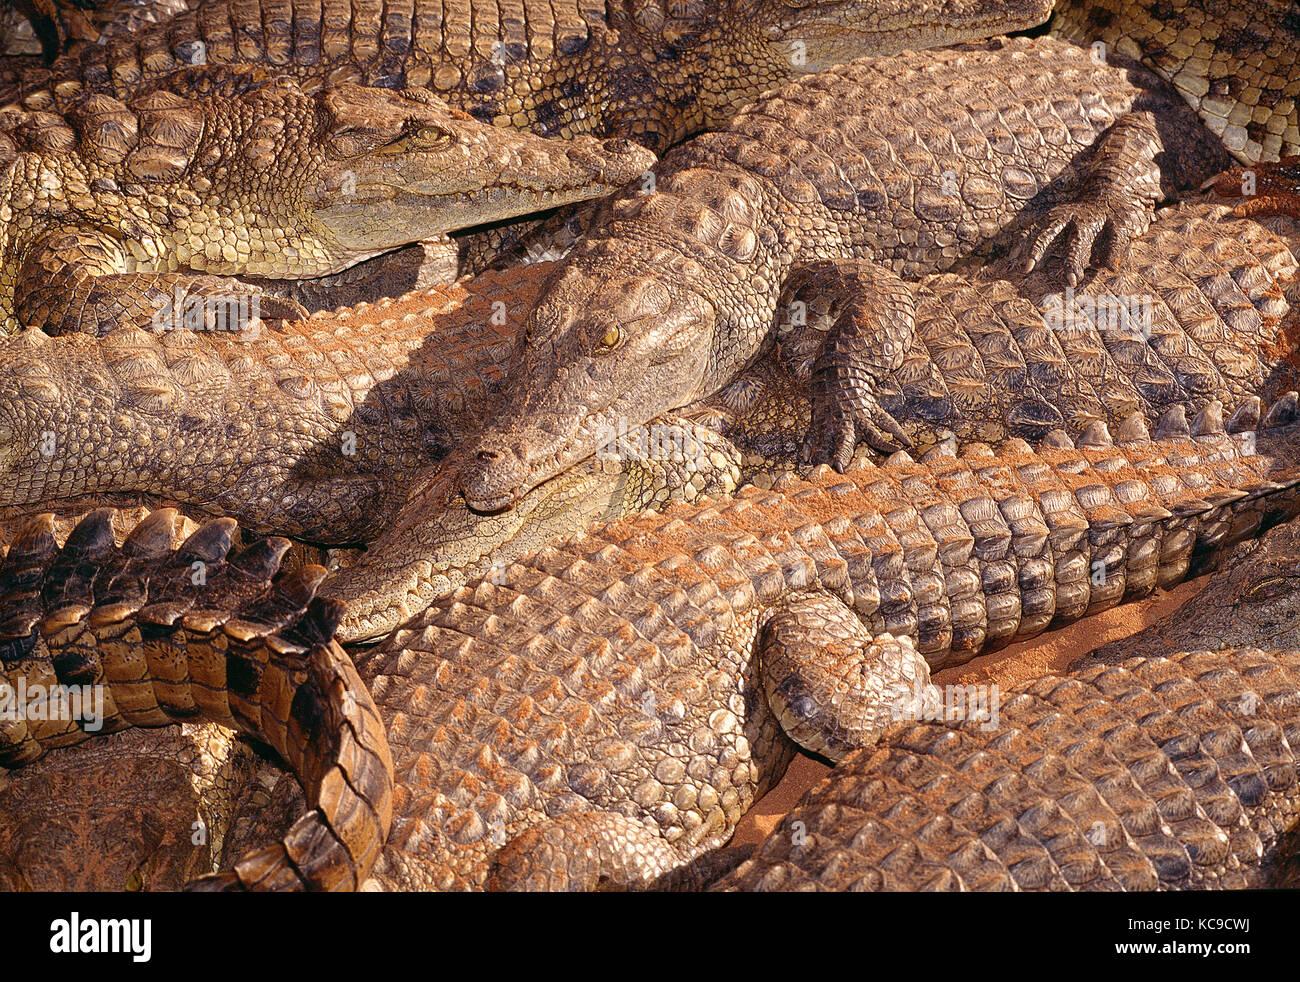 Zimbabwe. Wildlife. Nile Crocodiles farm. - Stock Image